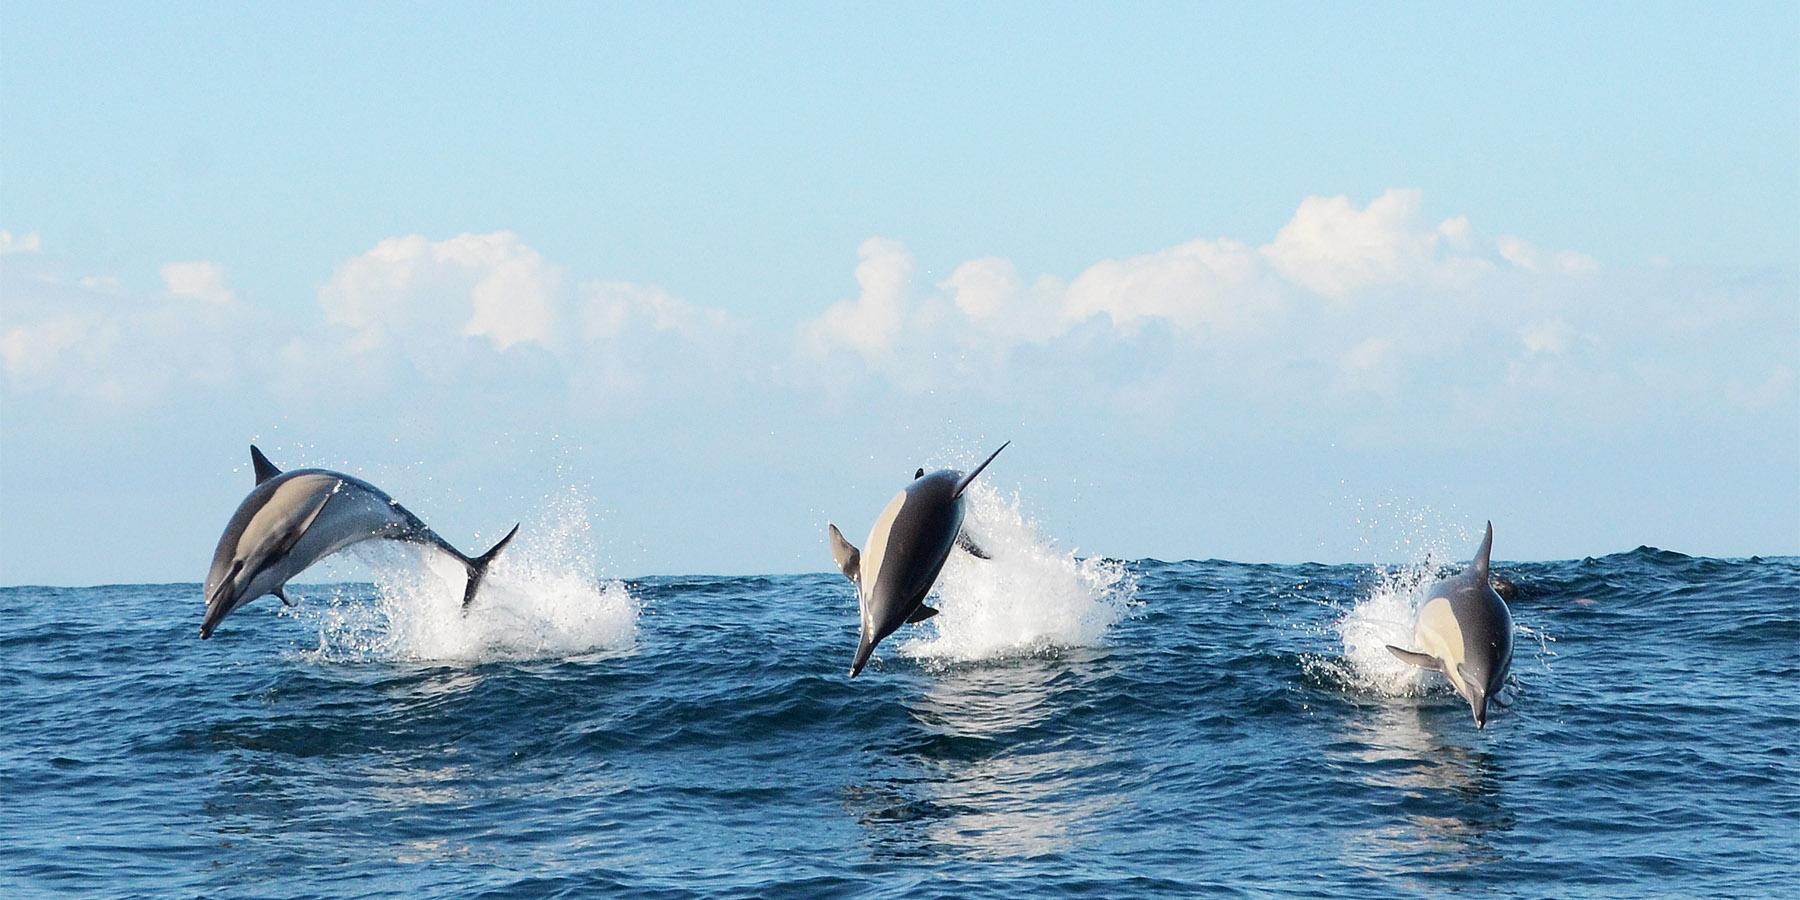 2013 Afrique du sud Nicolas BARRAQUE Dauphins - Journée spéciale océans : plongez dans la grande bleue avec Arte !